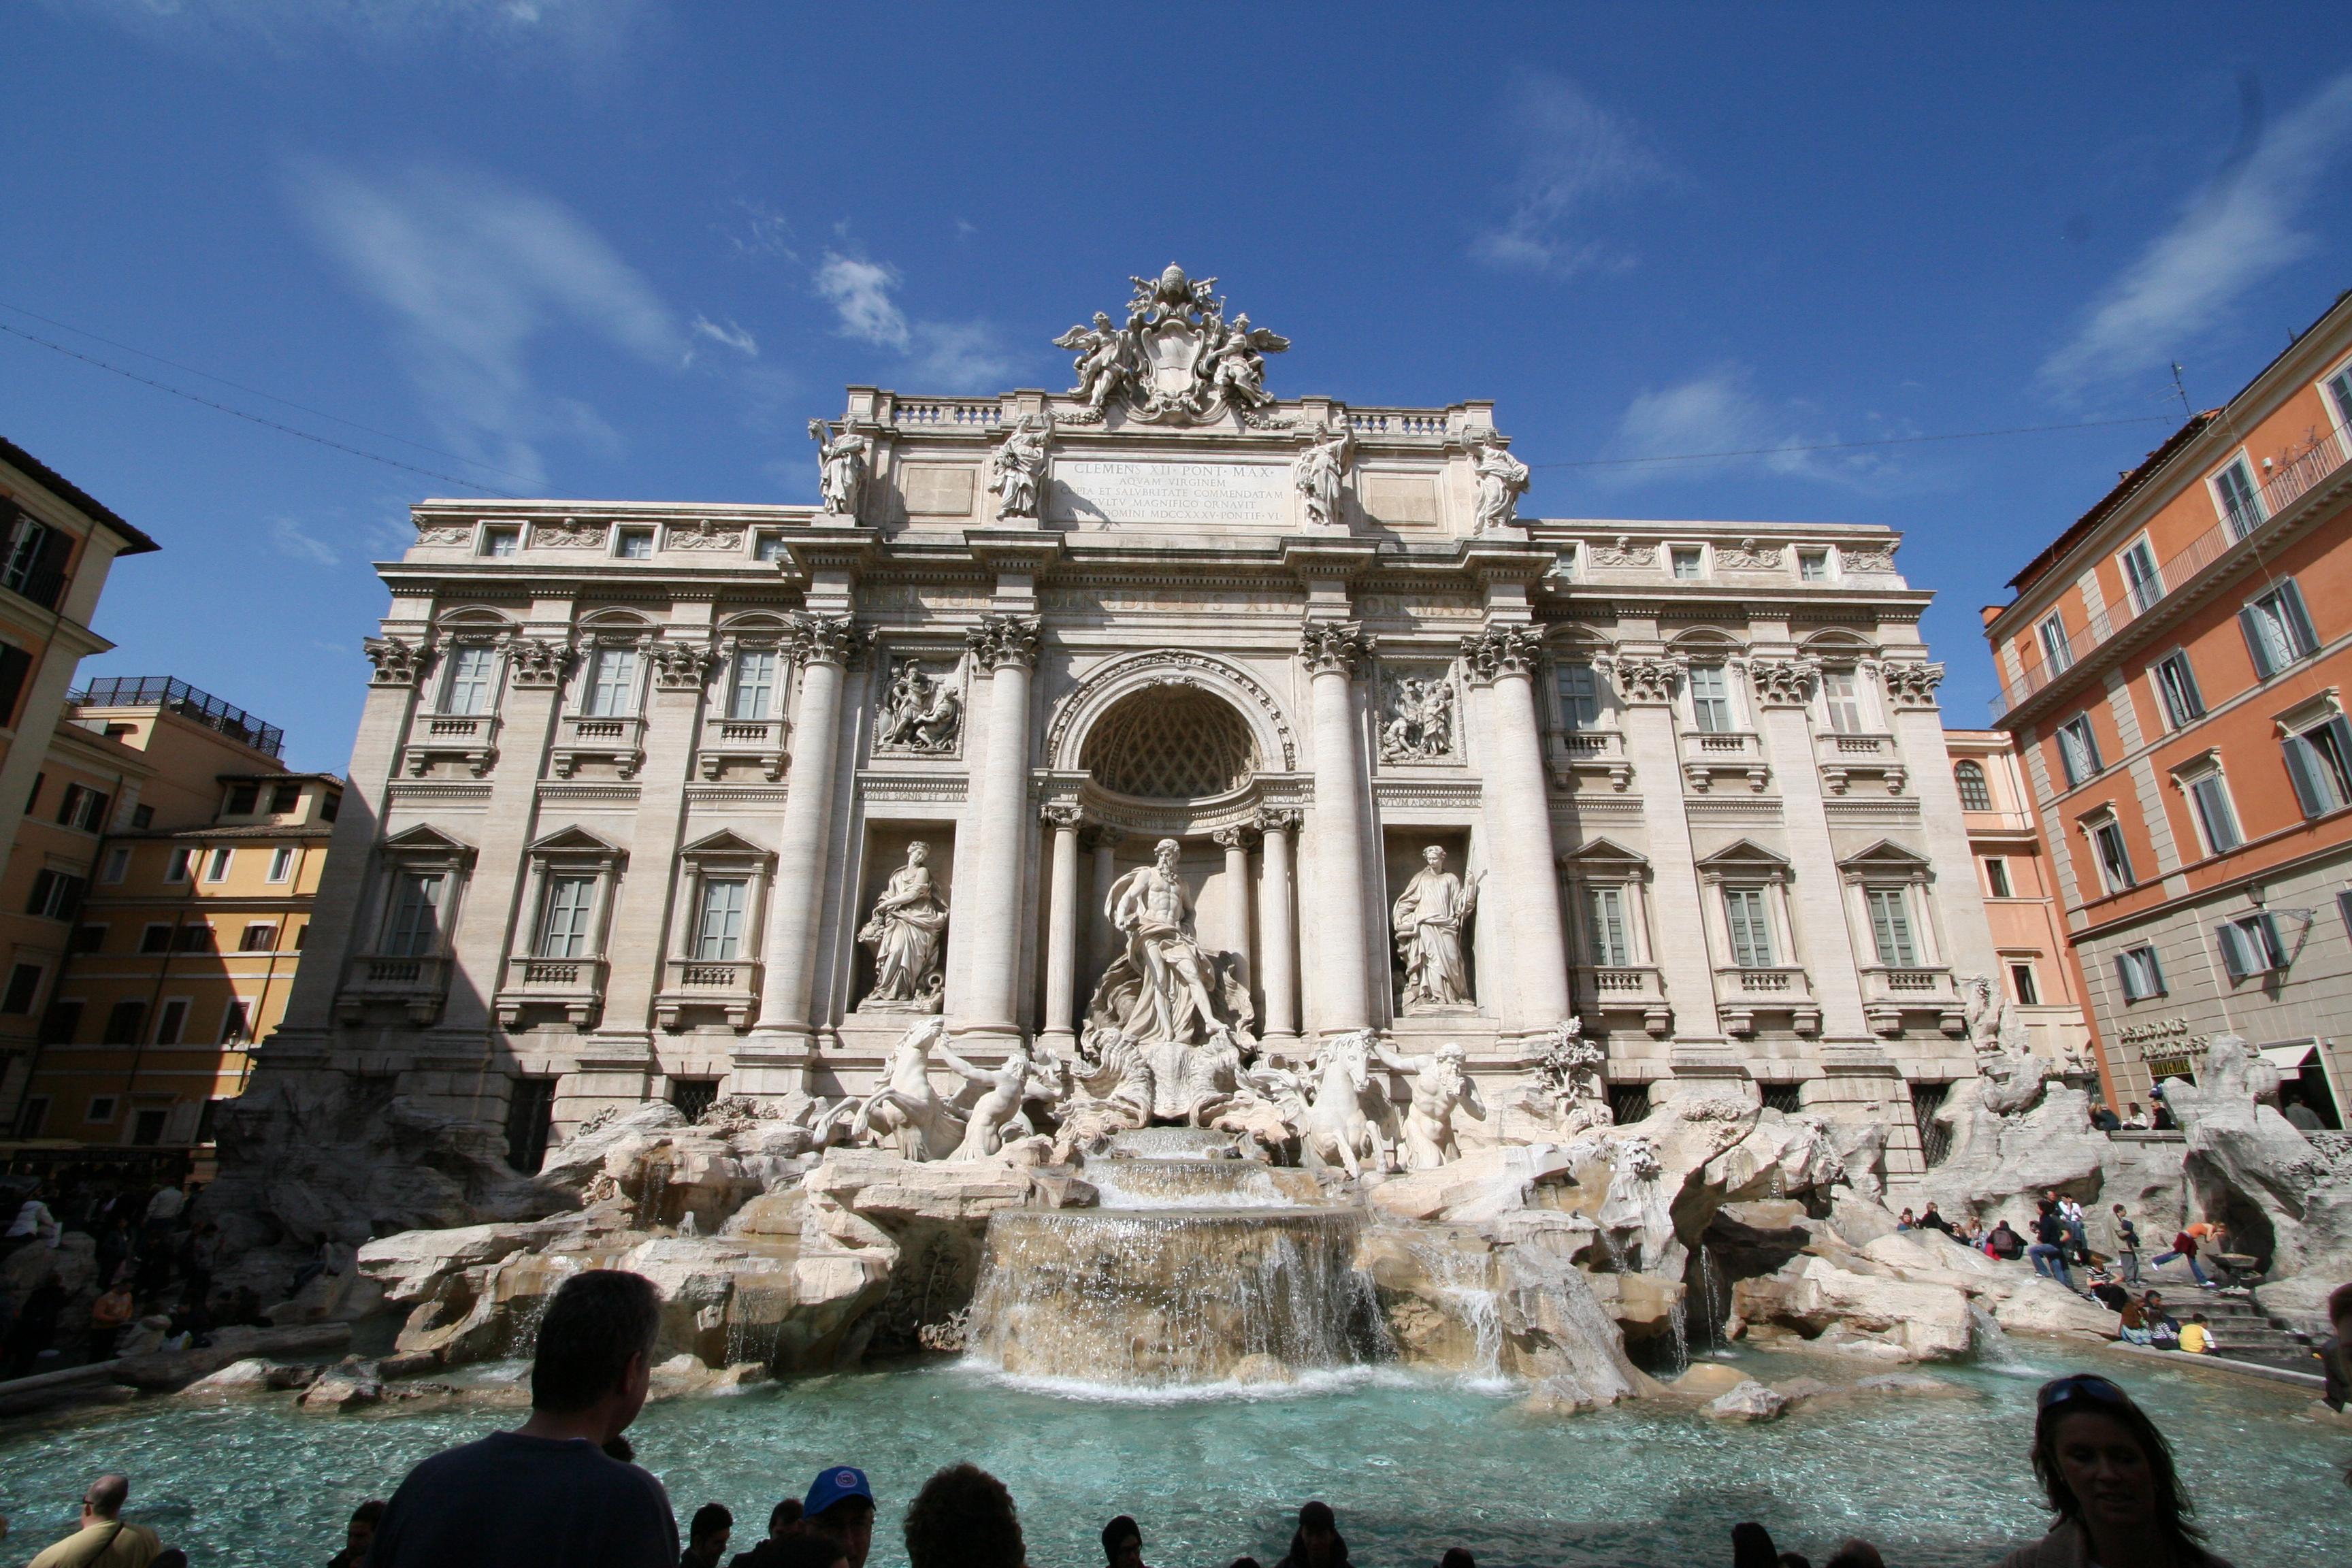 Cinque cose da fare a Roma in inverno, qualche idea e spunto utile